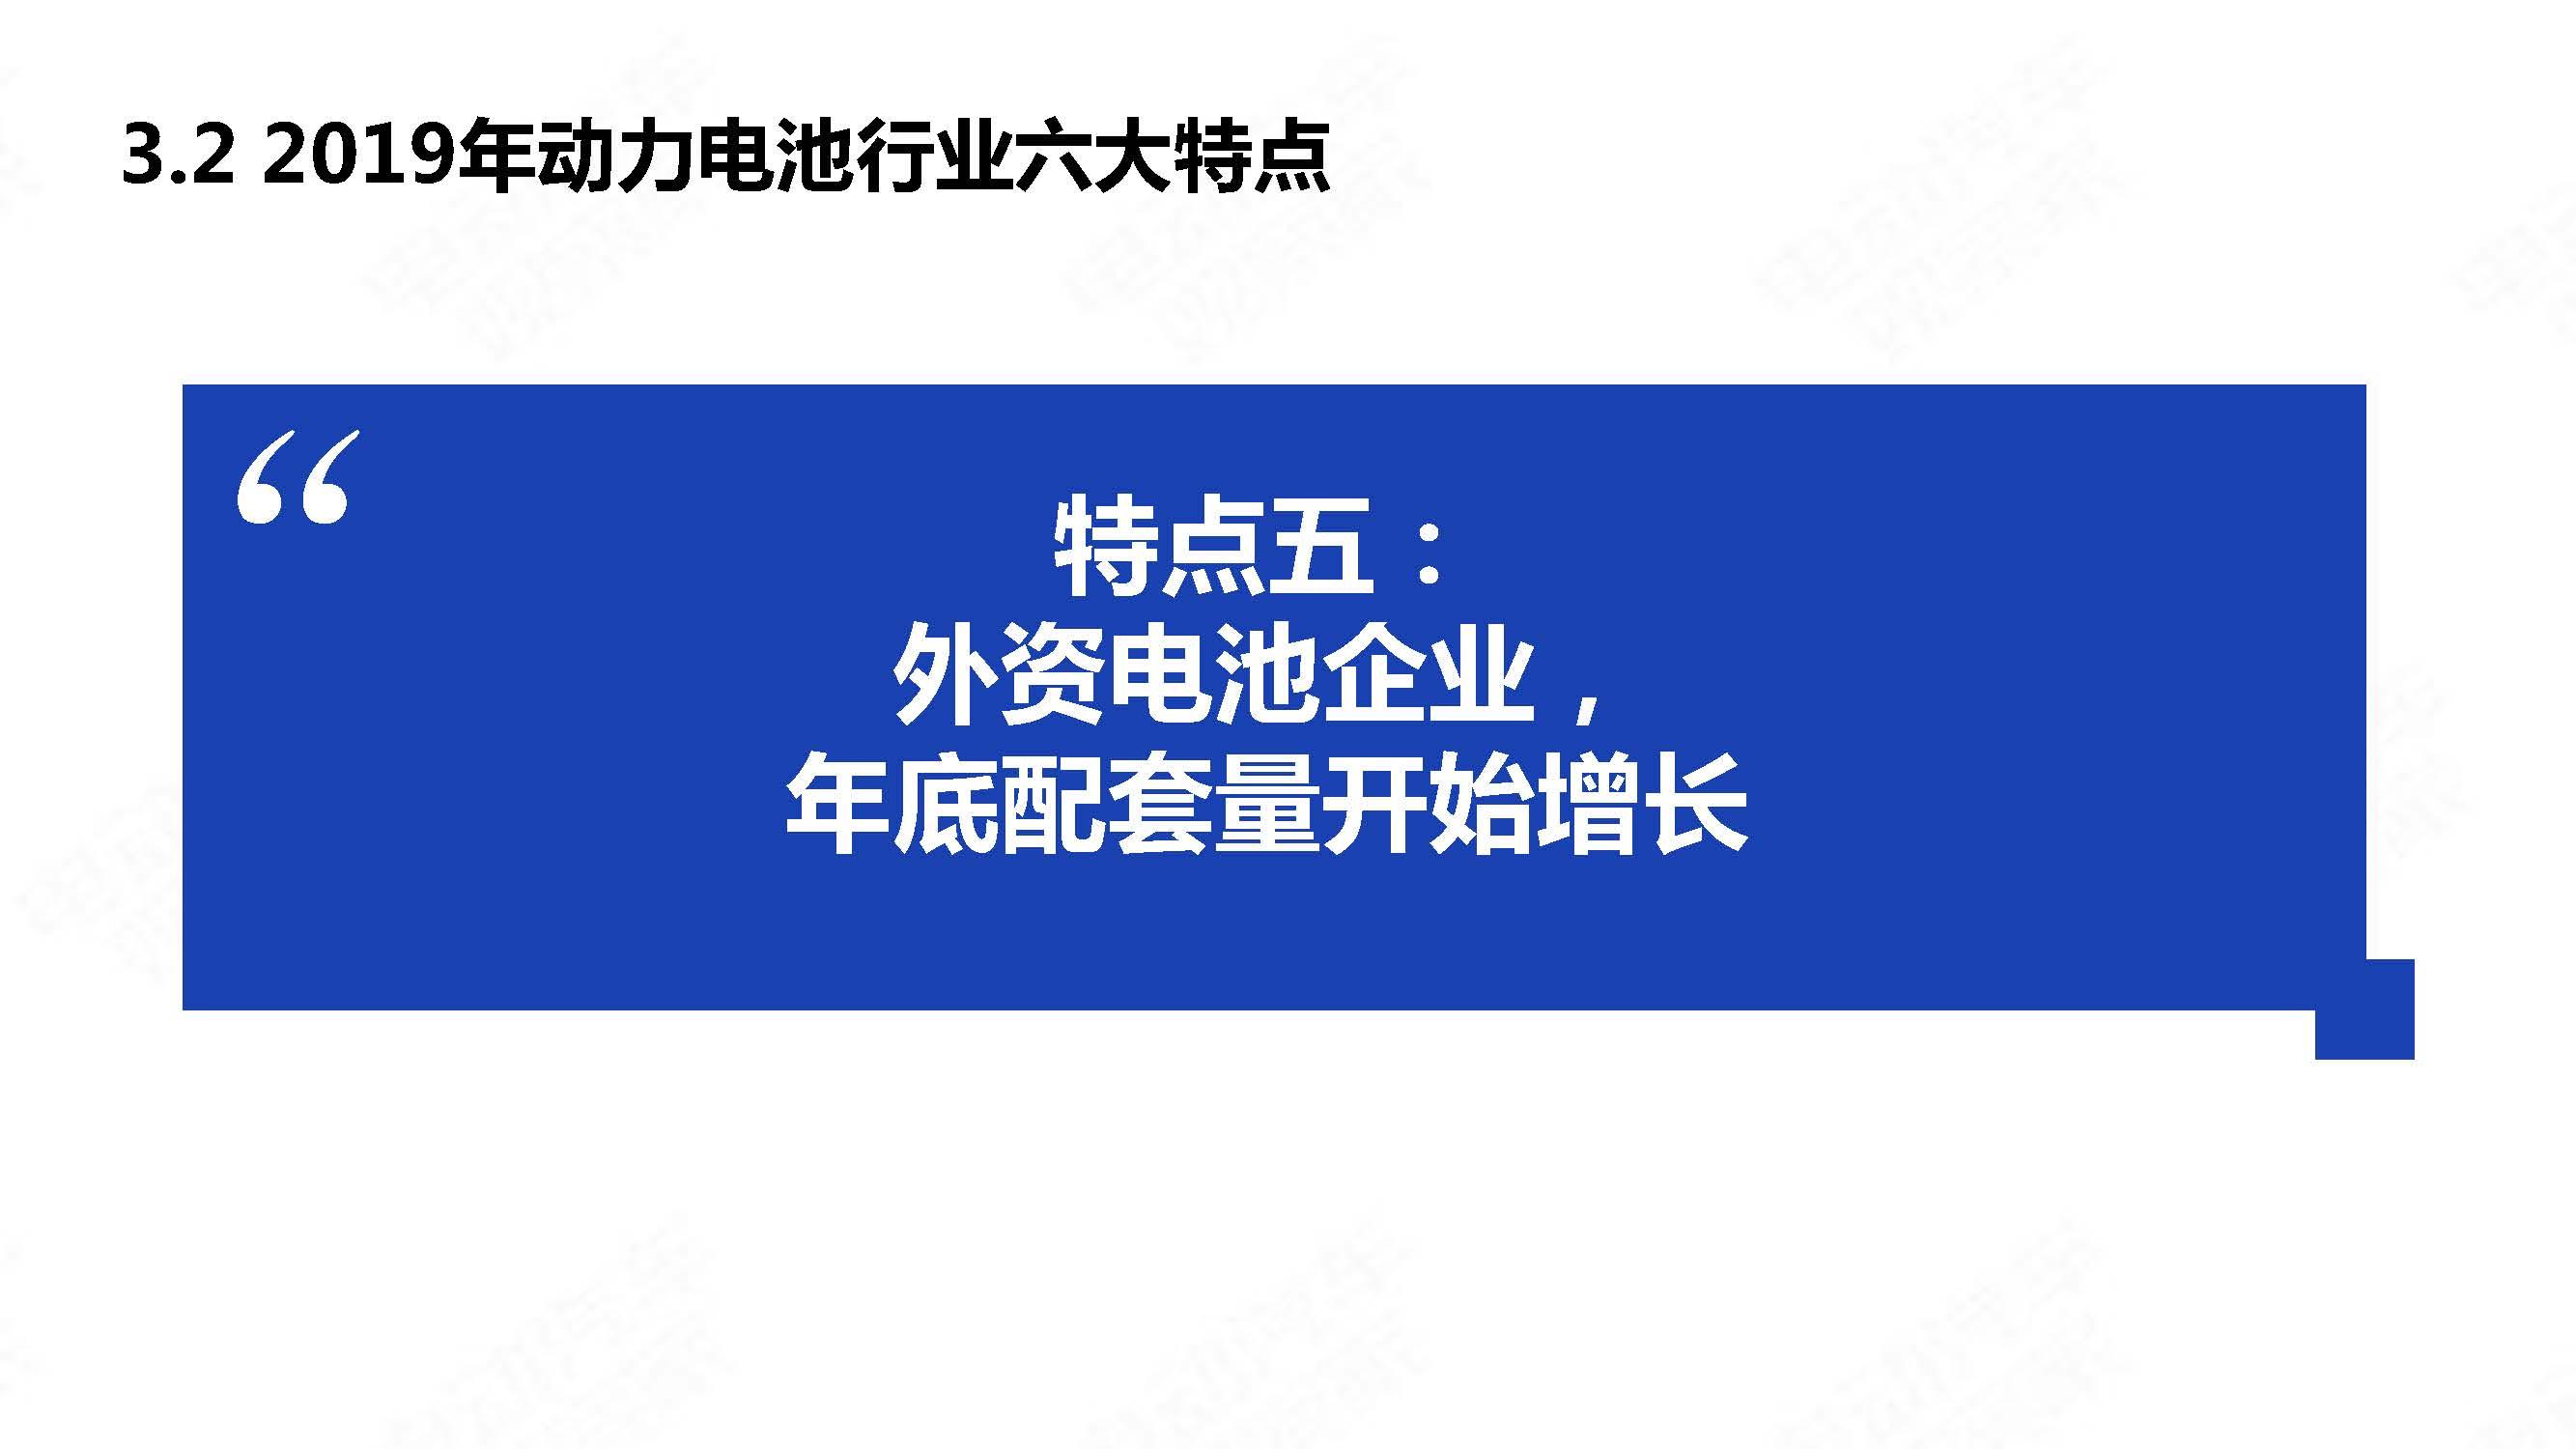 中国新能源汽车产业年度观察2020 简版_页面_33